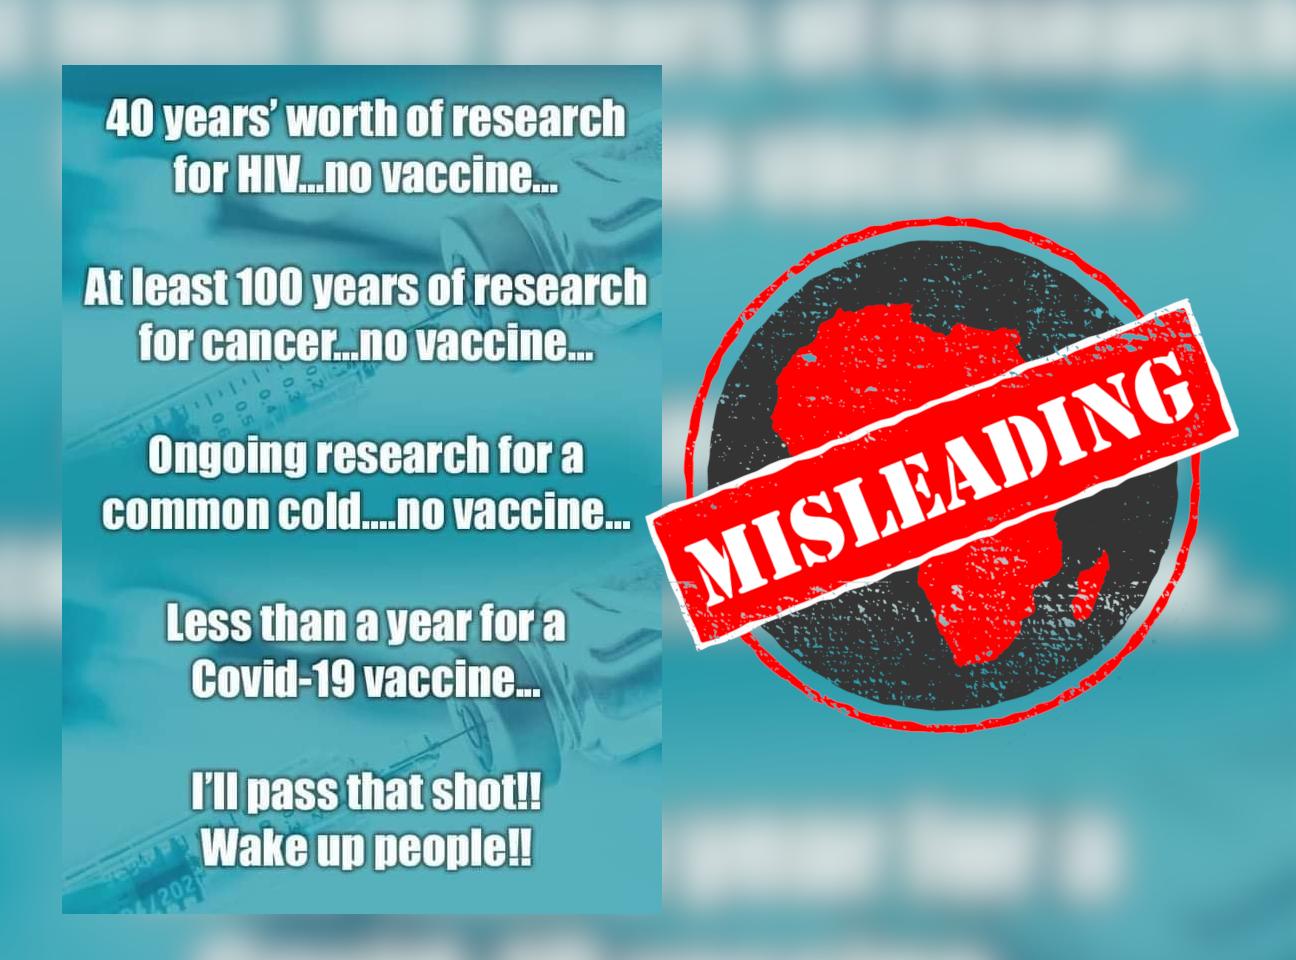 vaccine misleading